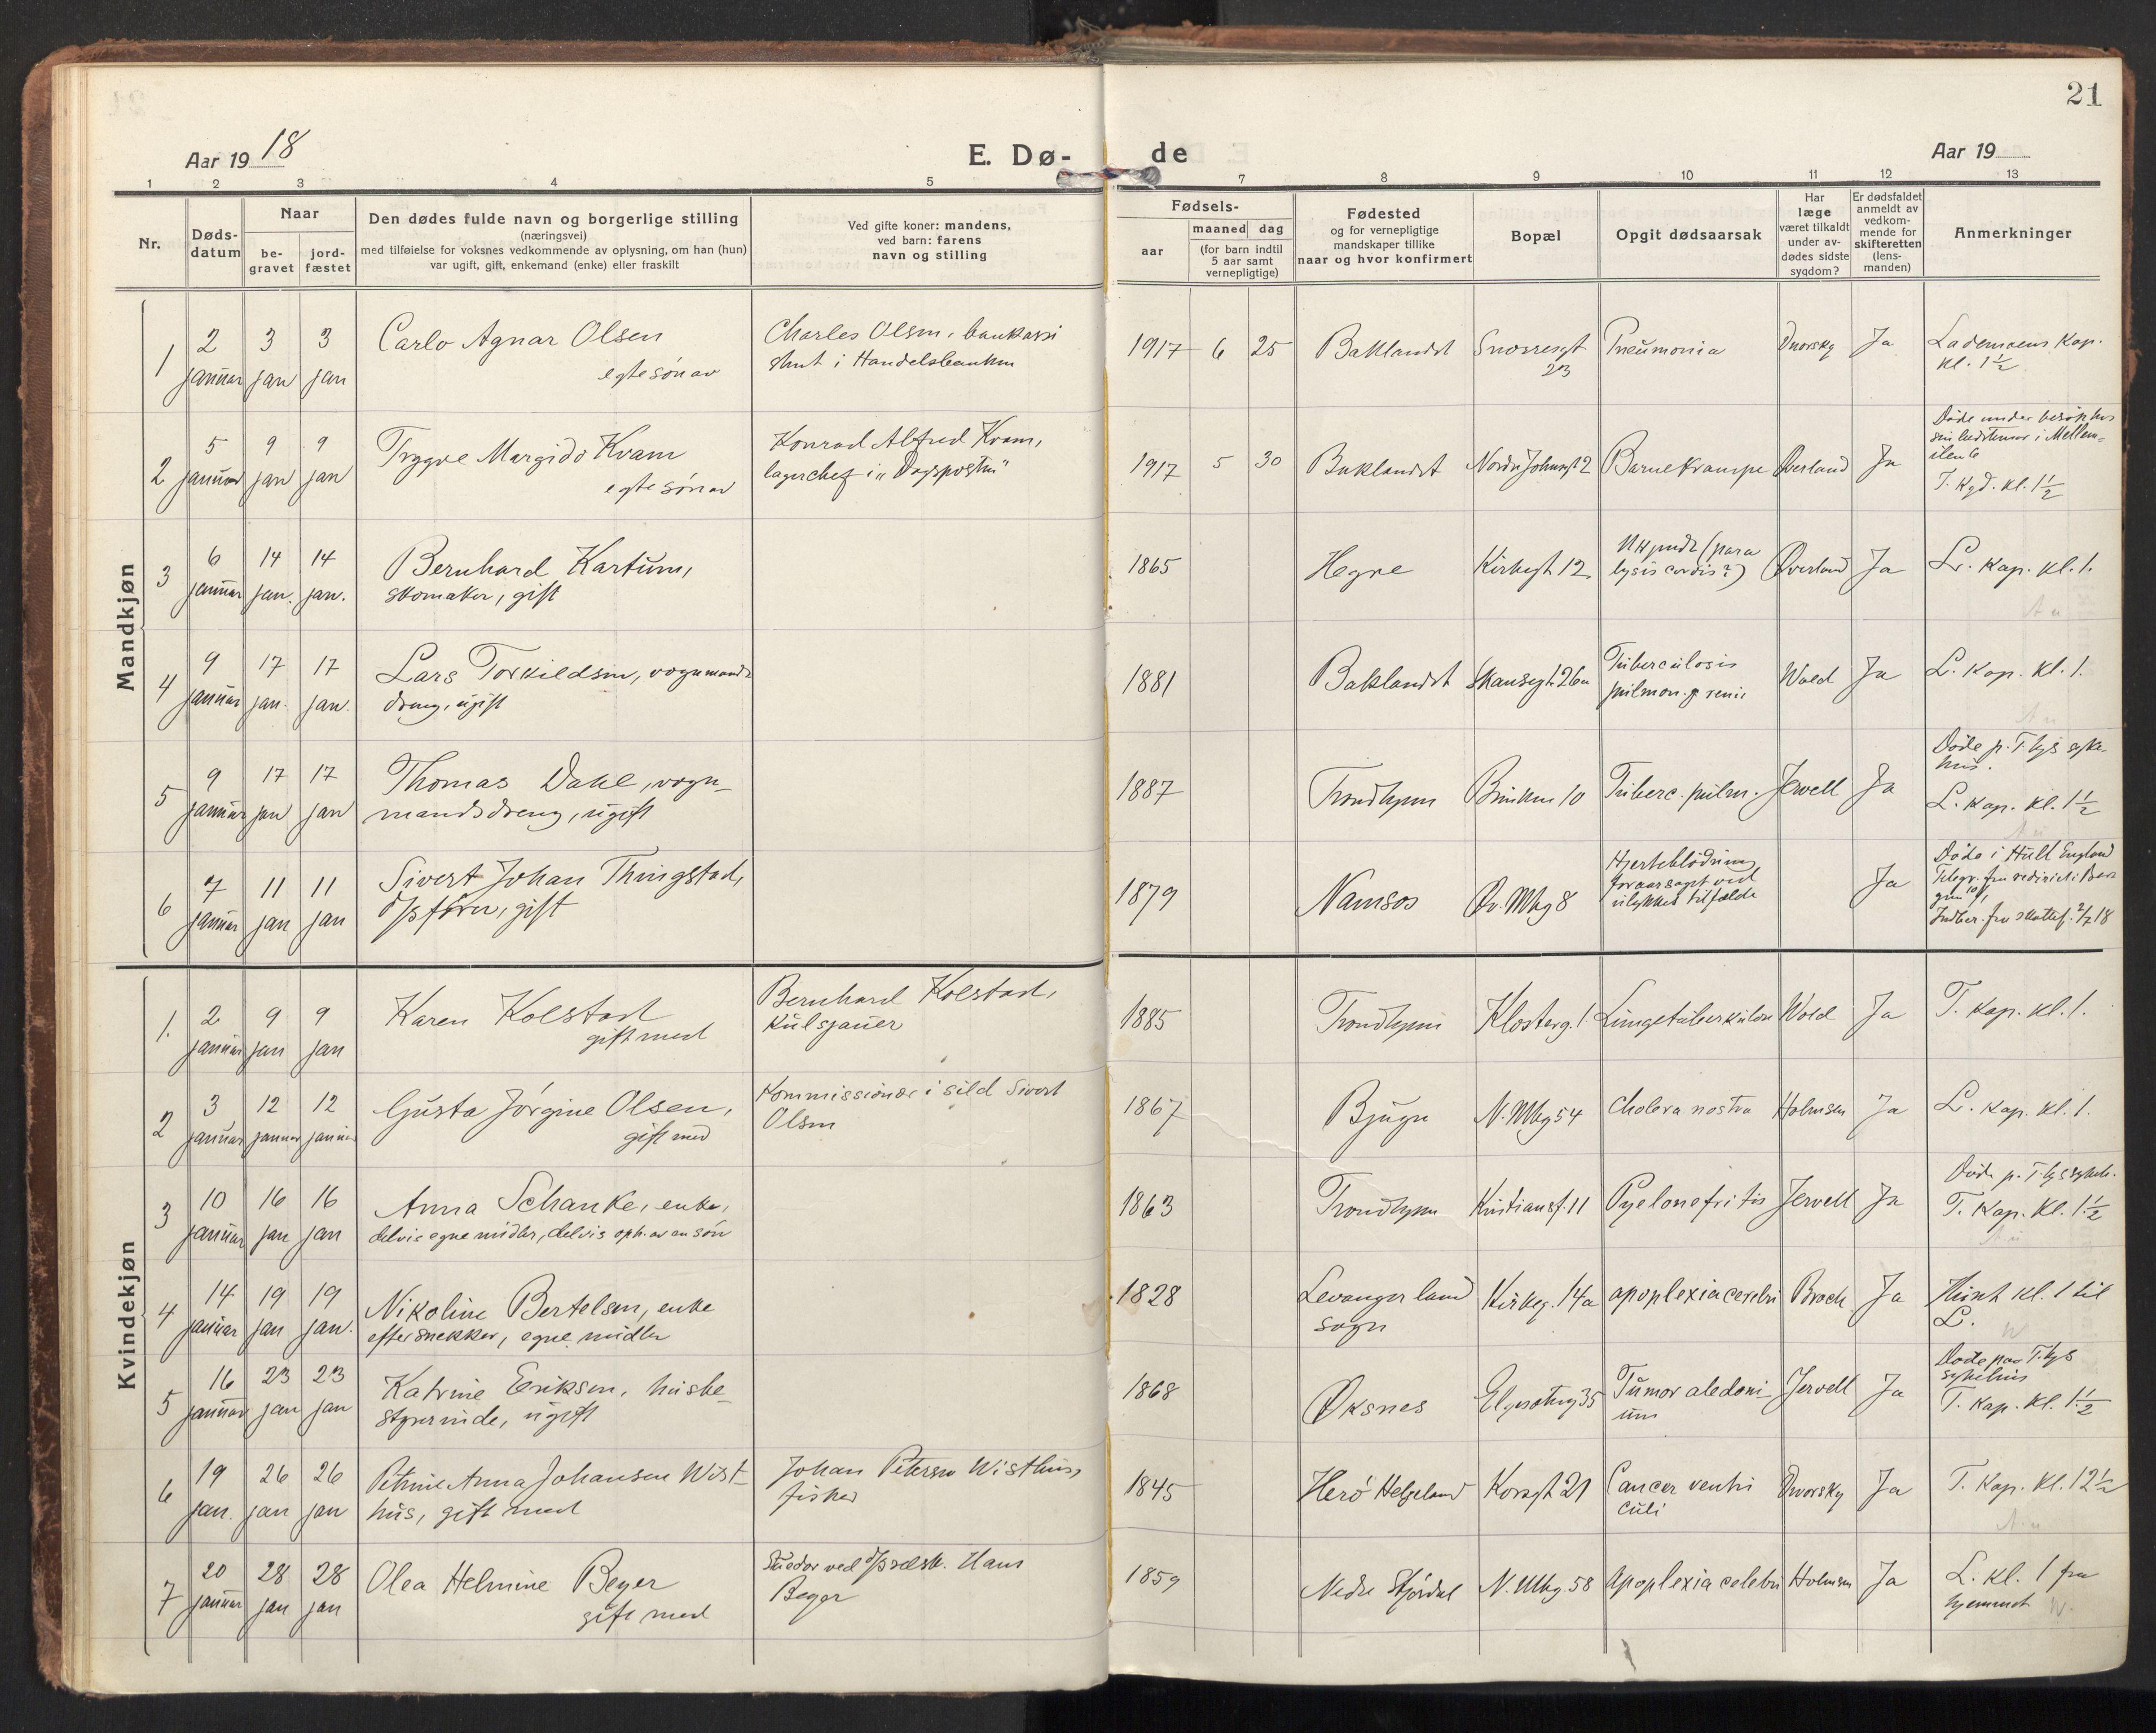 SAT, Ministerialprotokoller, klokkerbøker og fødselsregistre - Sør-Trøndelag, 604/L0207: Ministerialbok nr. 604A27, 1917-1933, s. 21